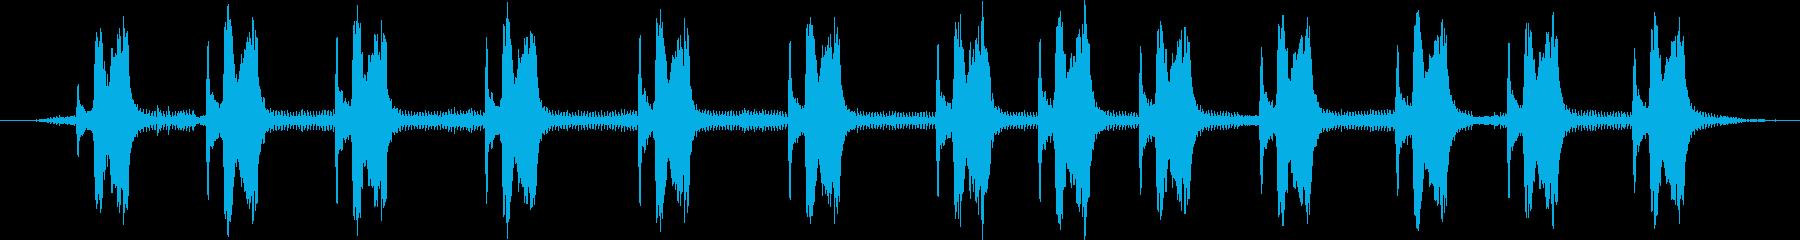 ユカタンヨタカ:呼び出し、鳥の再生済みの波形